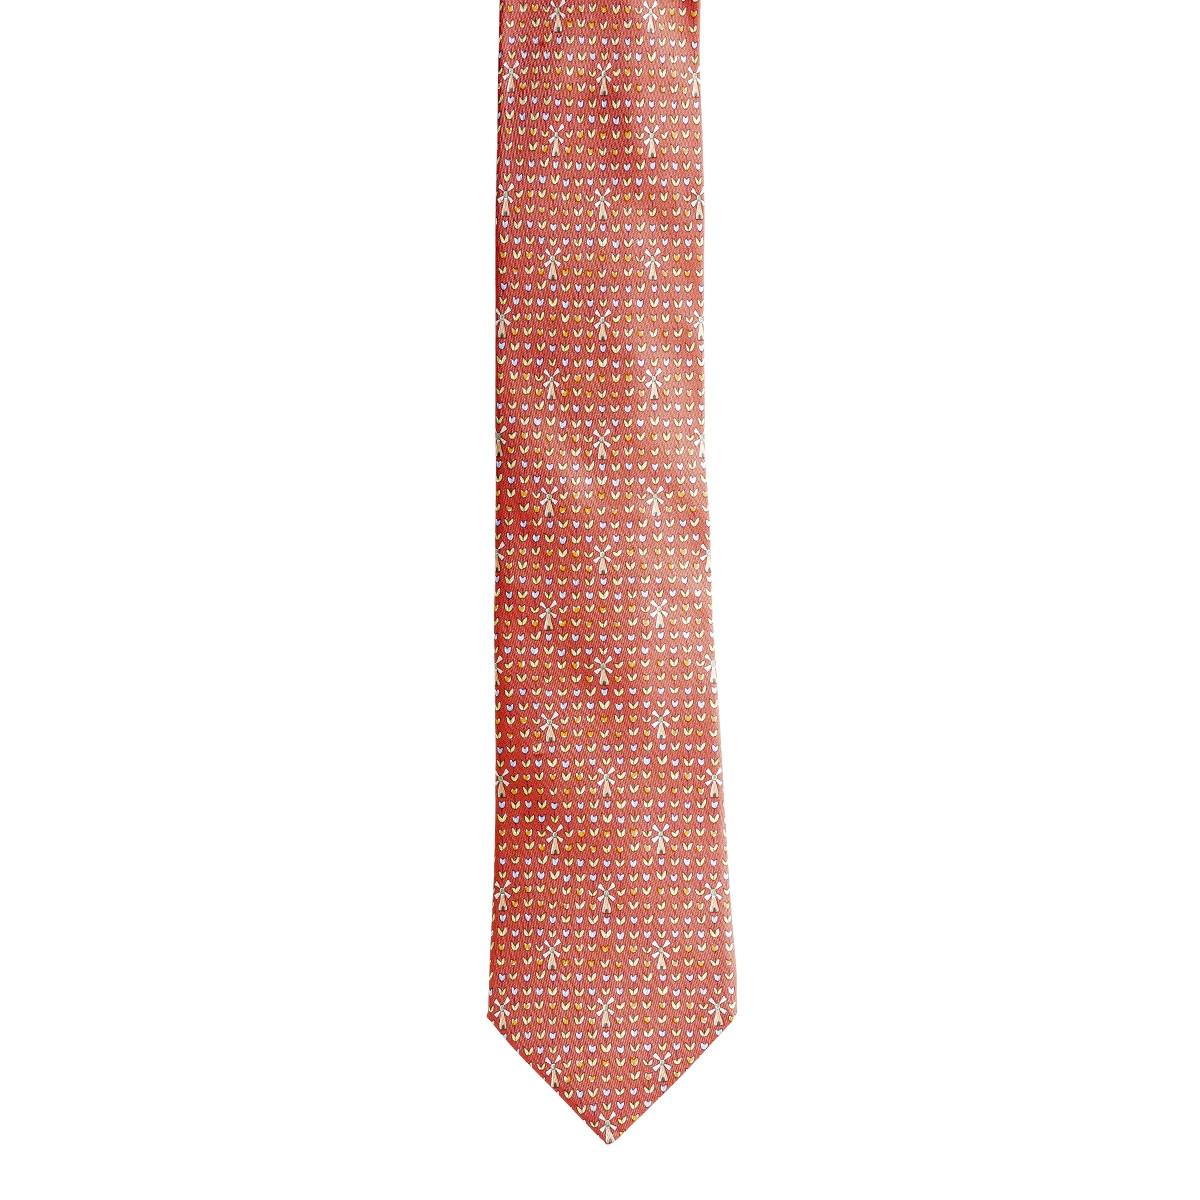 Vintage Hermès Floral Tie